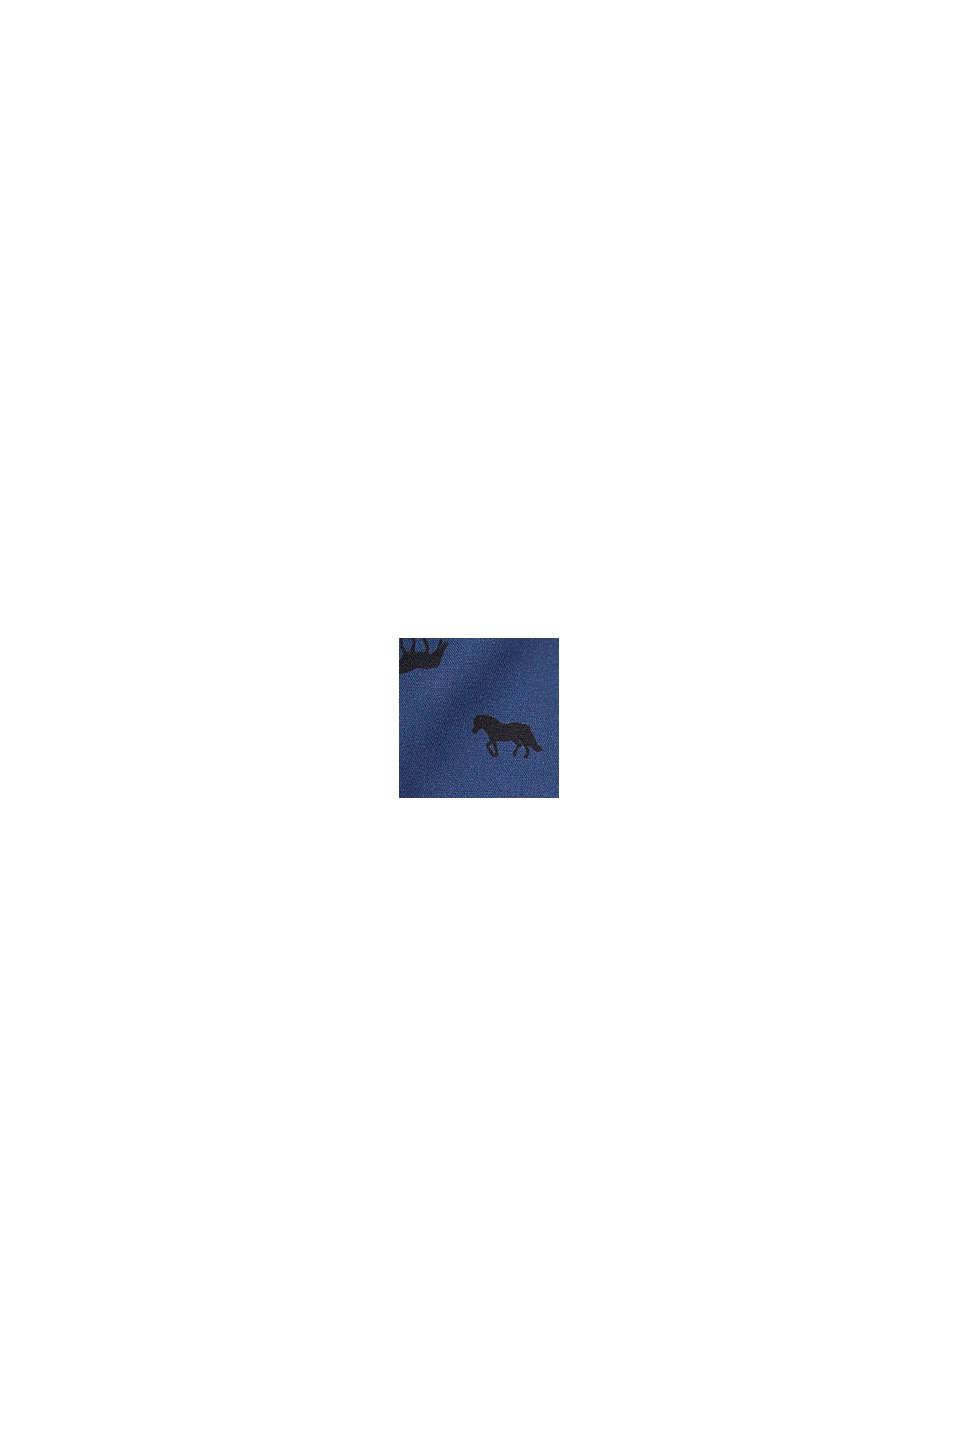 Bluzka w stylu westernu z nadrukiem z koniem, BLUE, swatch